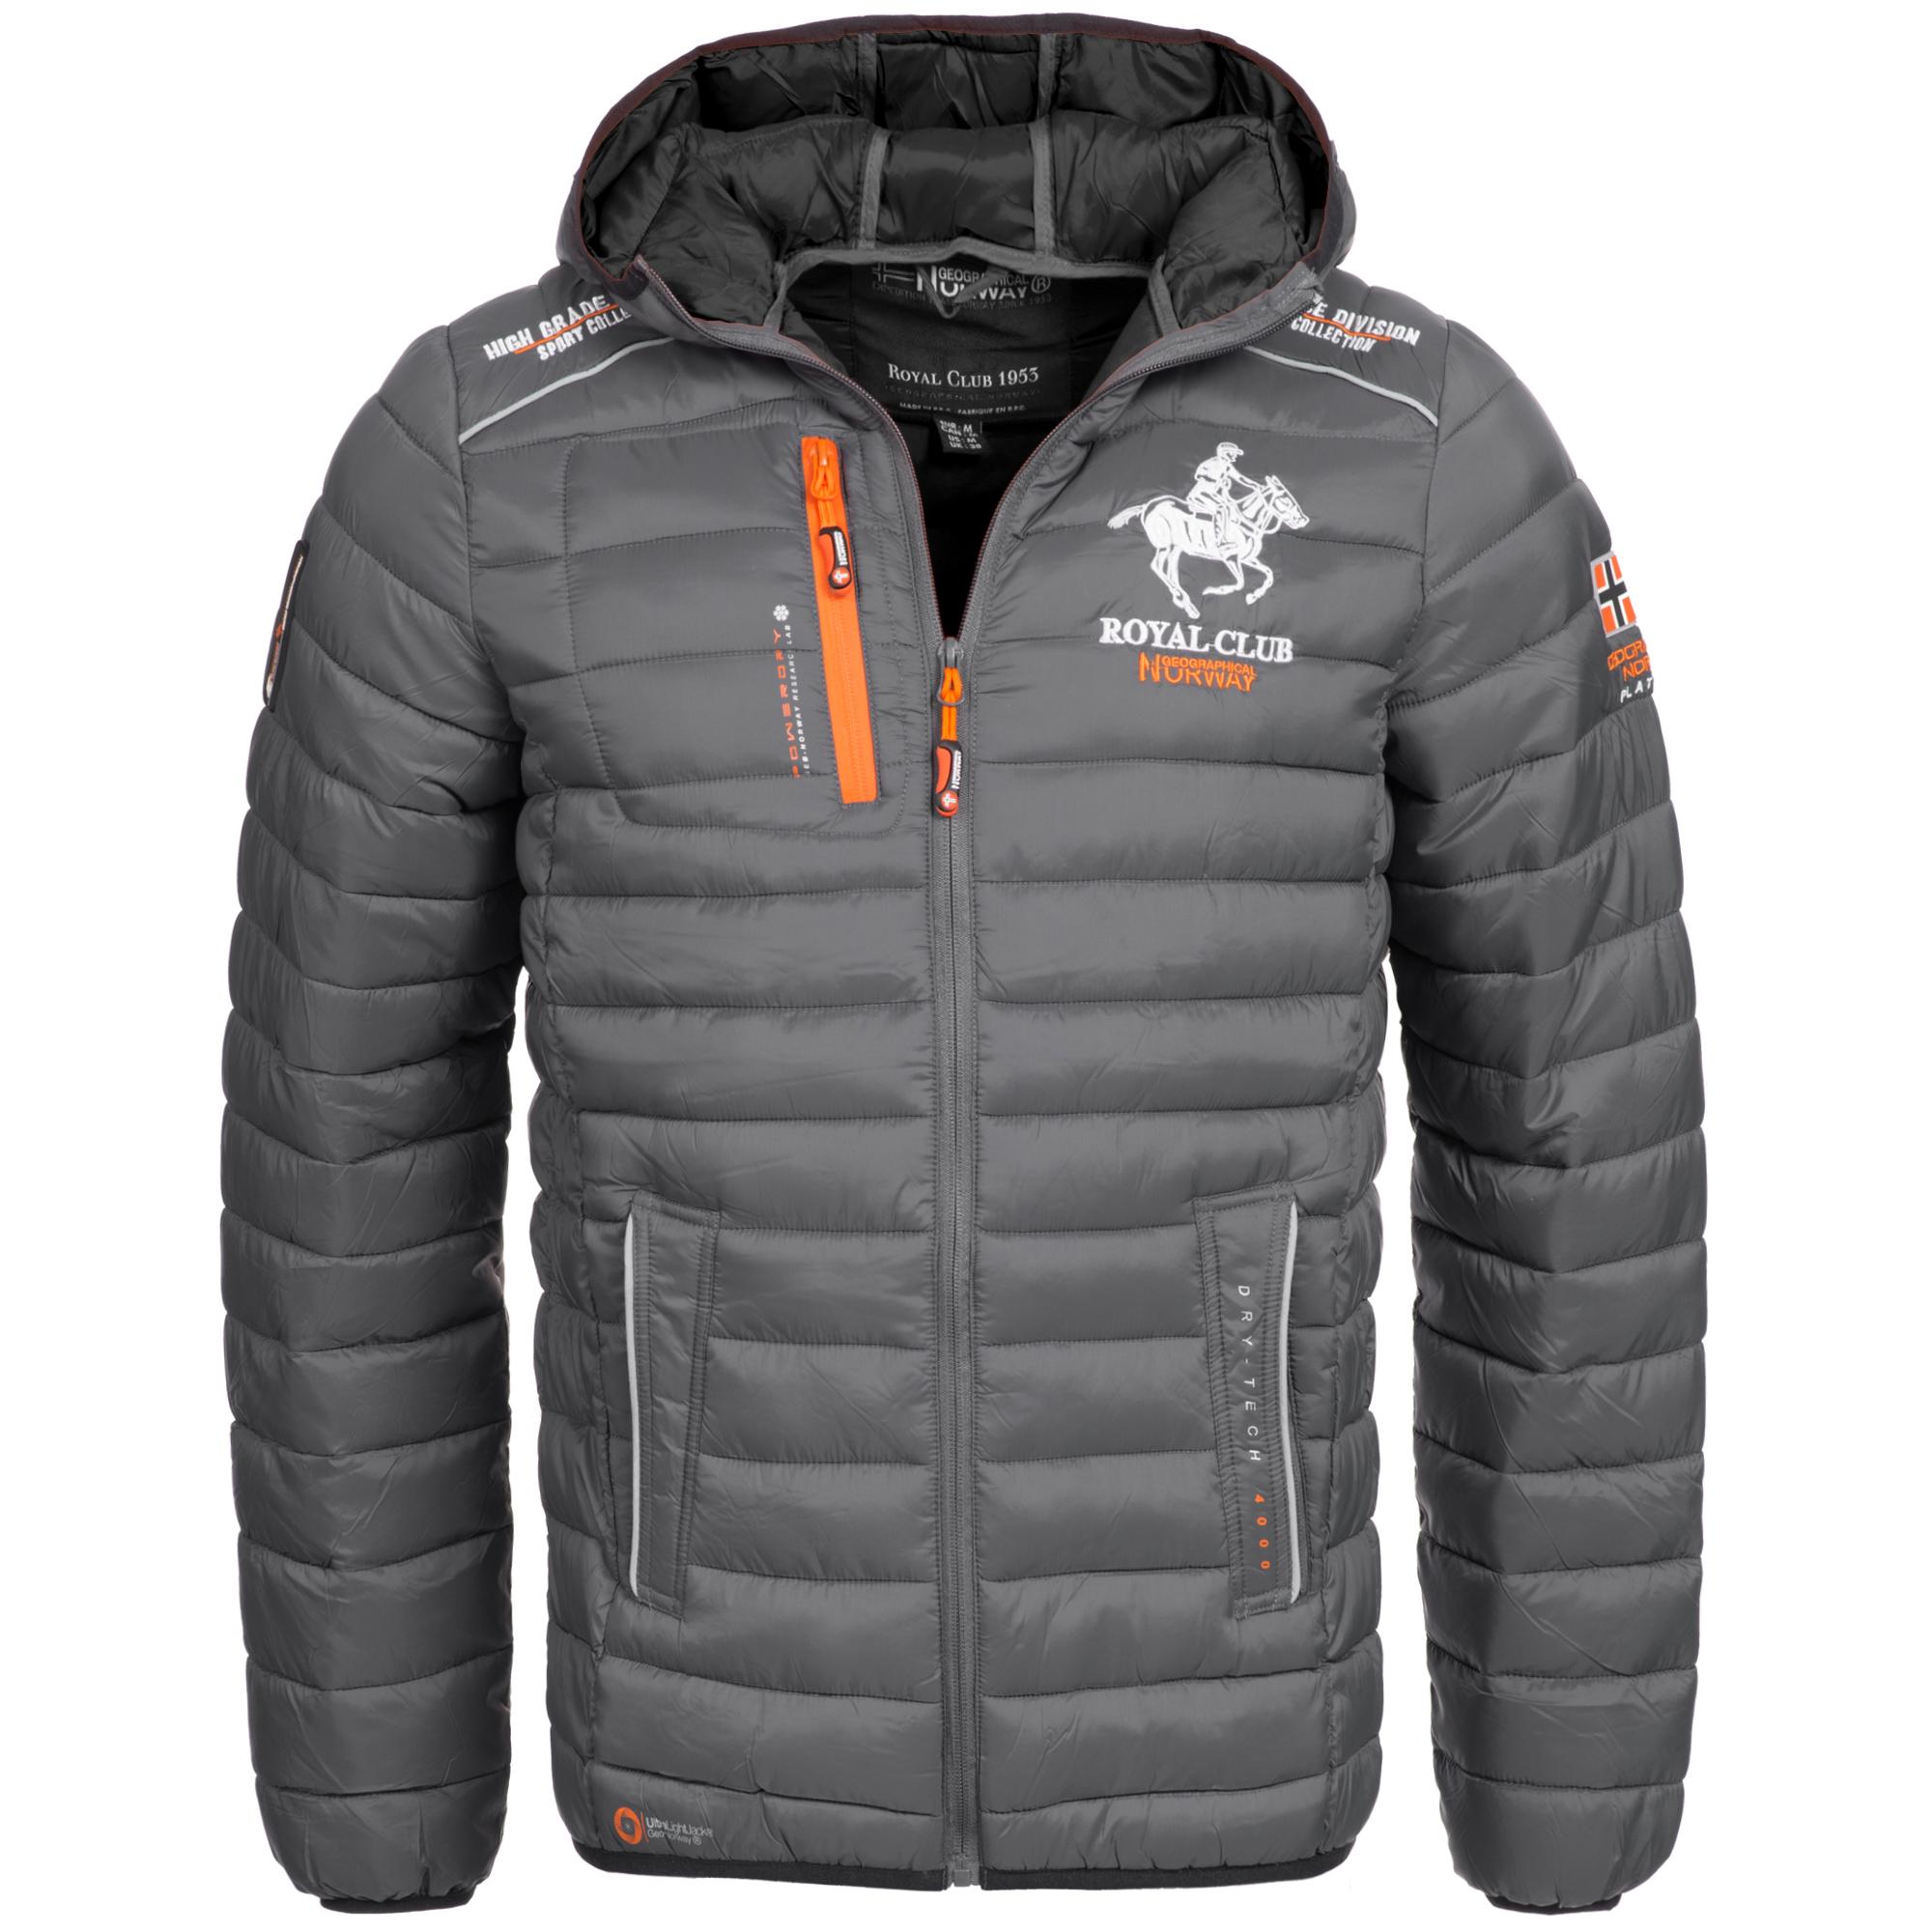 buy online f719f 4166e Geographical Norway Herren Winterjacke Jacke Steppjacke Daunen Look Parka  Brisbee Gr. S-XXXL 5Farben